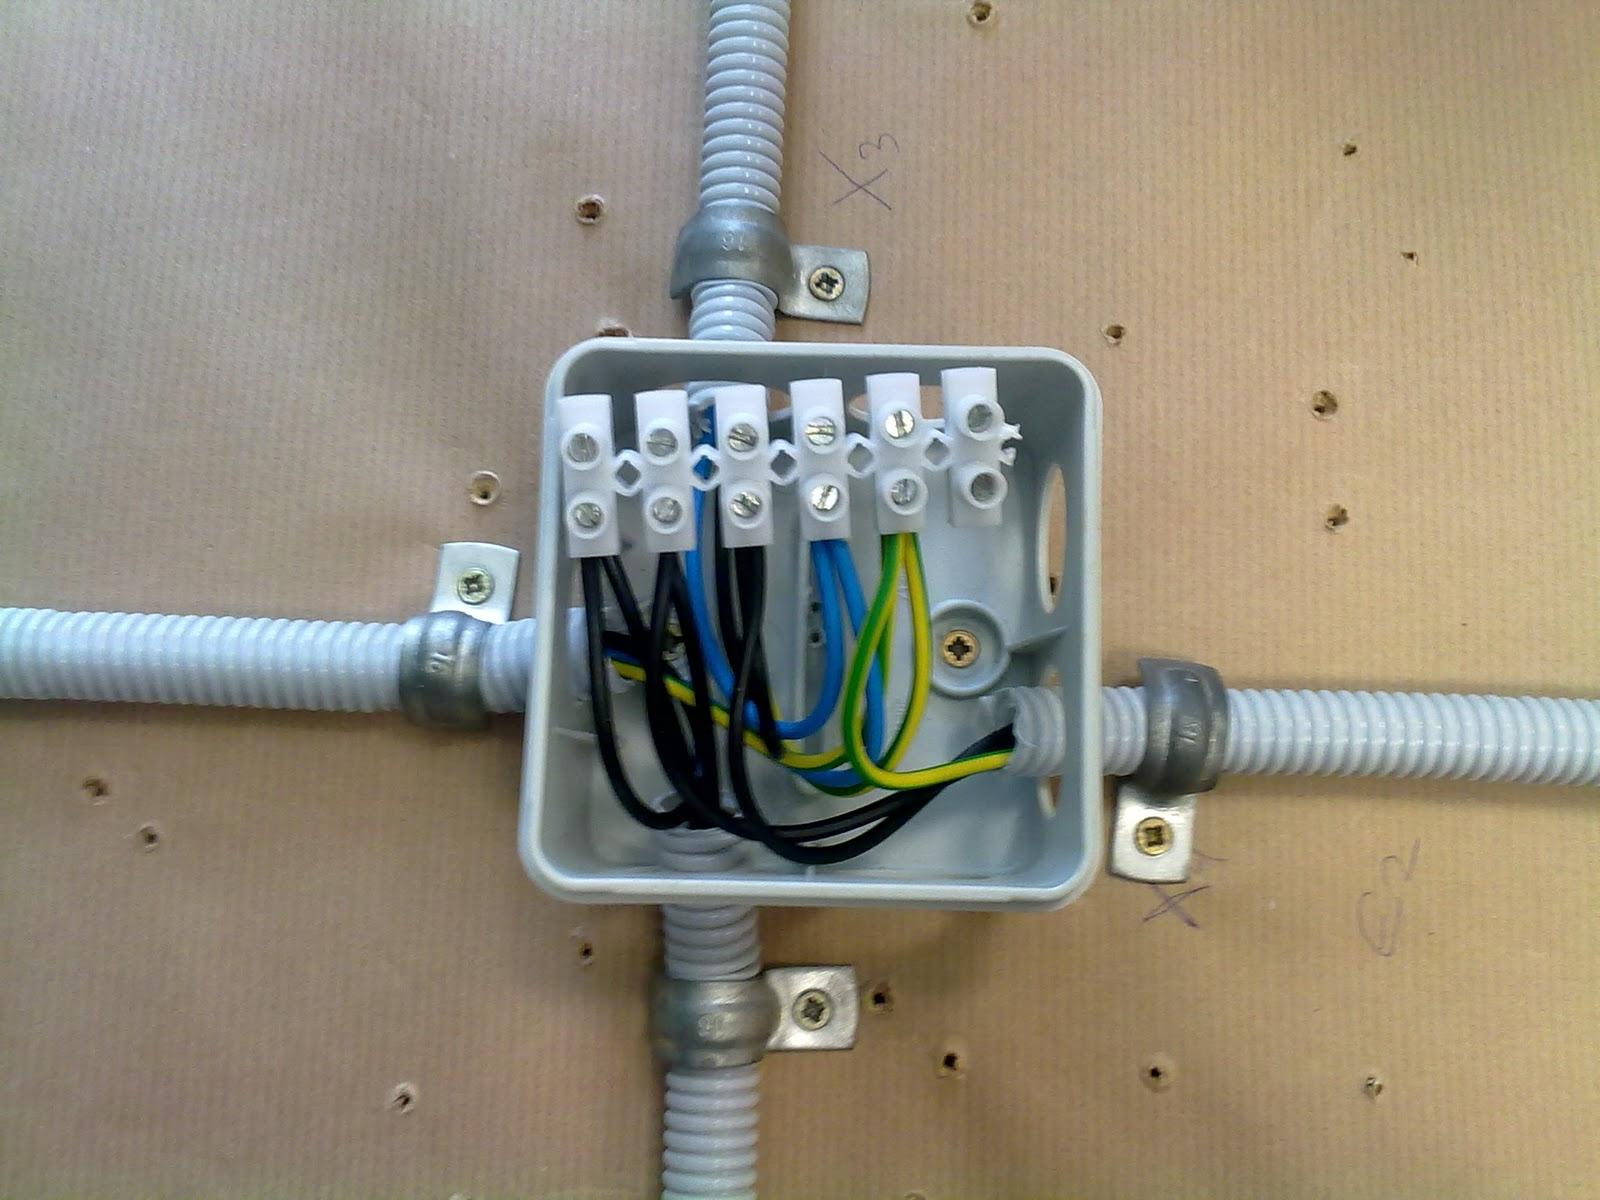 Caja de derivacion electrica materiales de construcci n - Instalacion electrica superficie ...